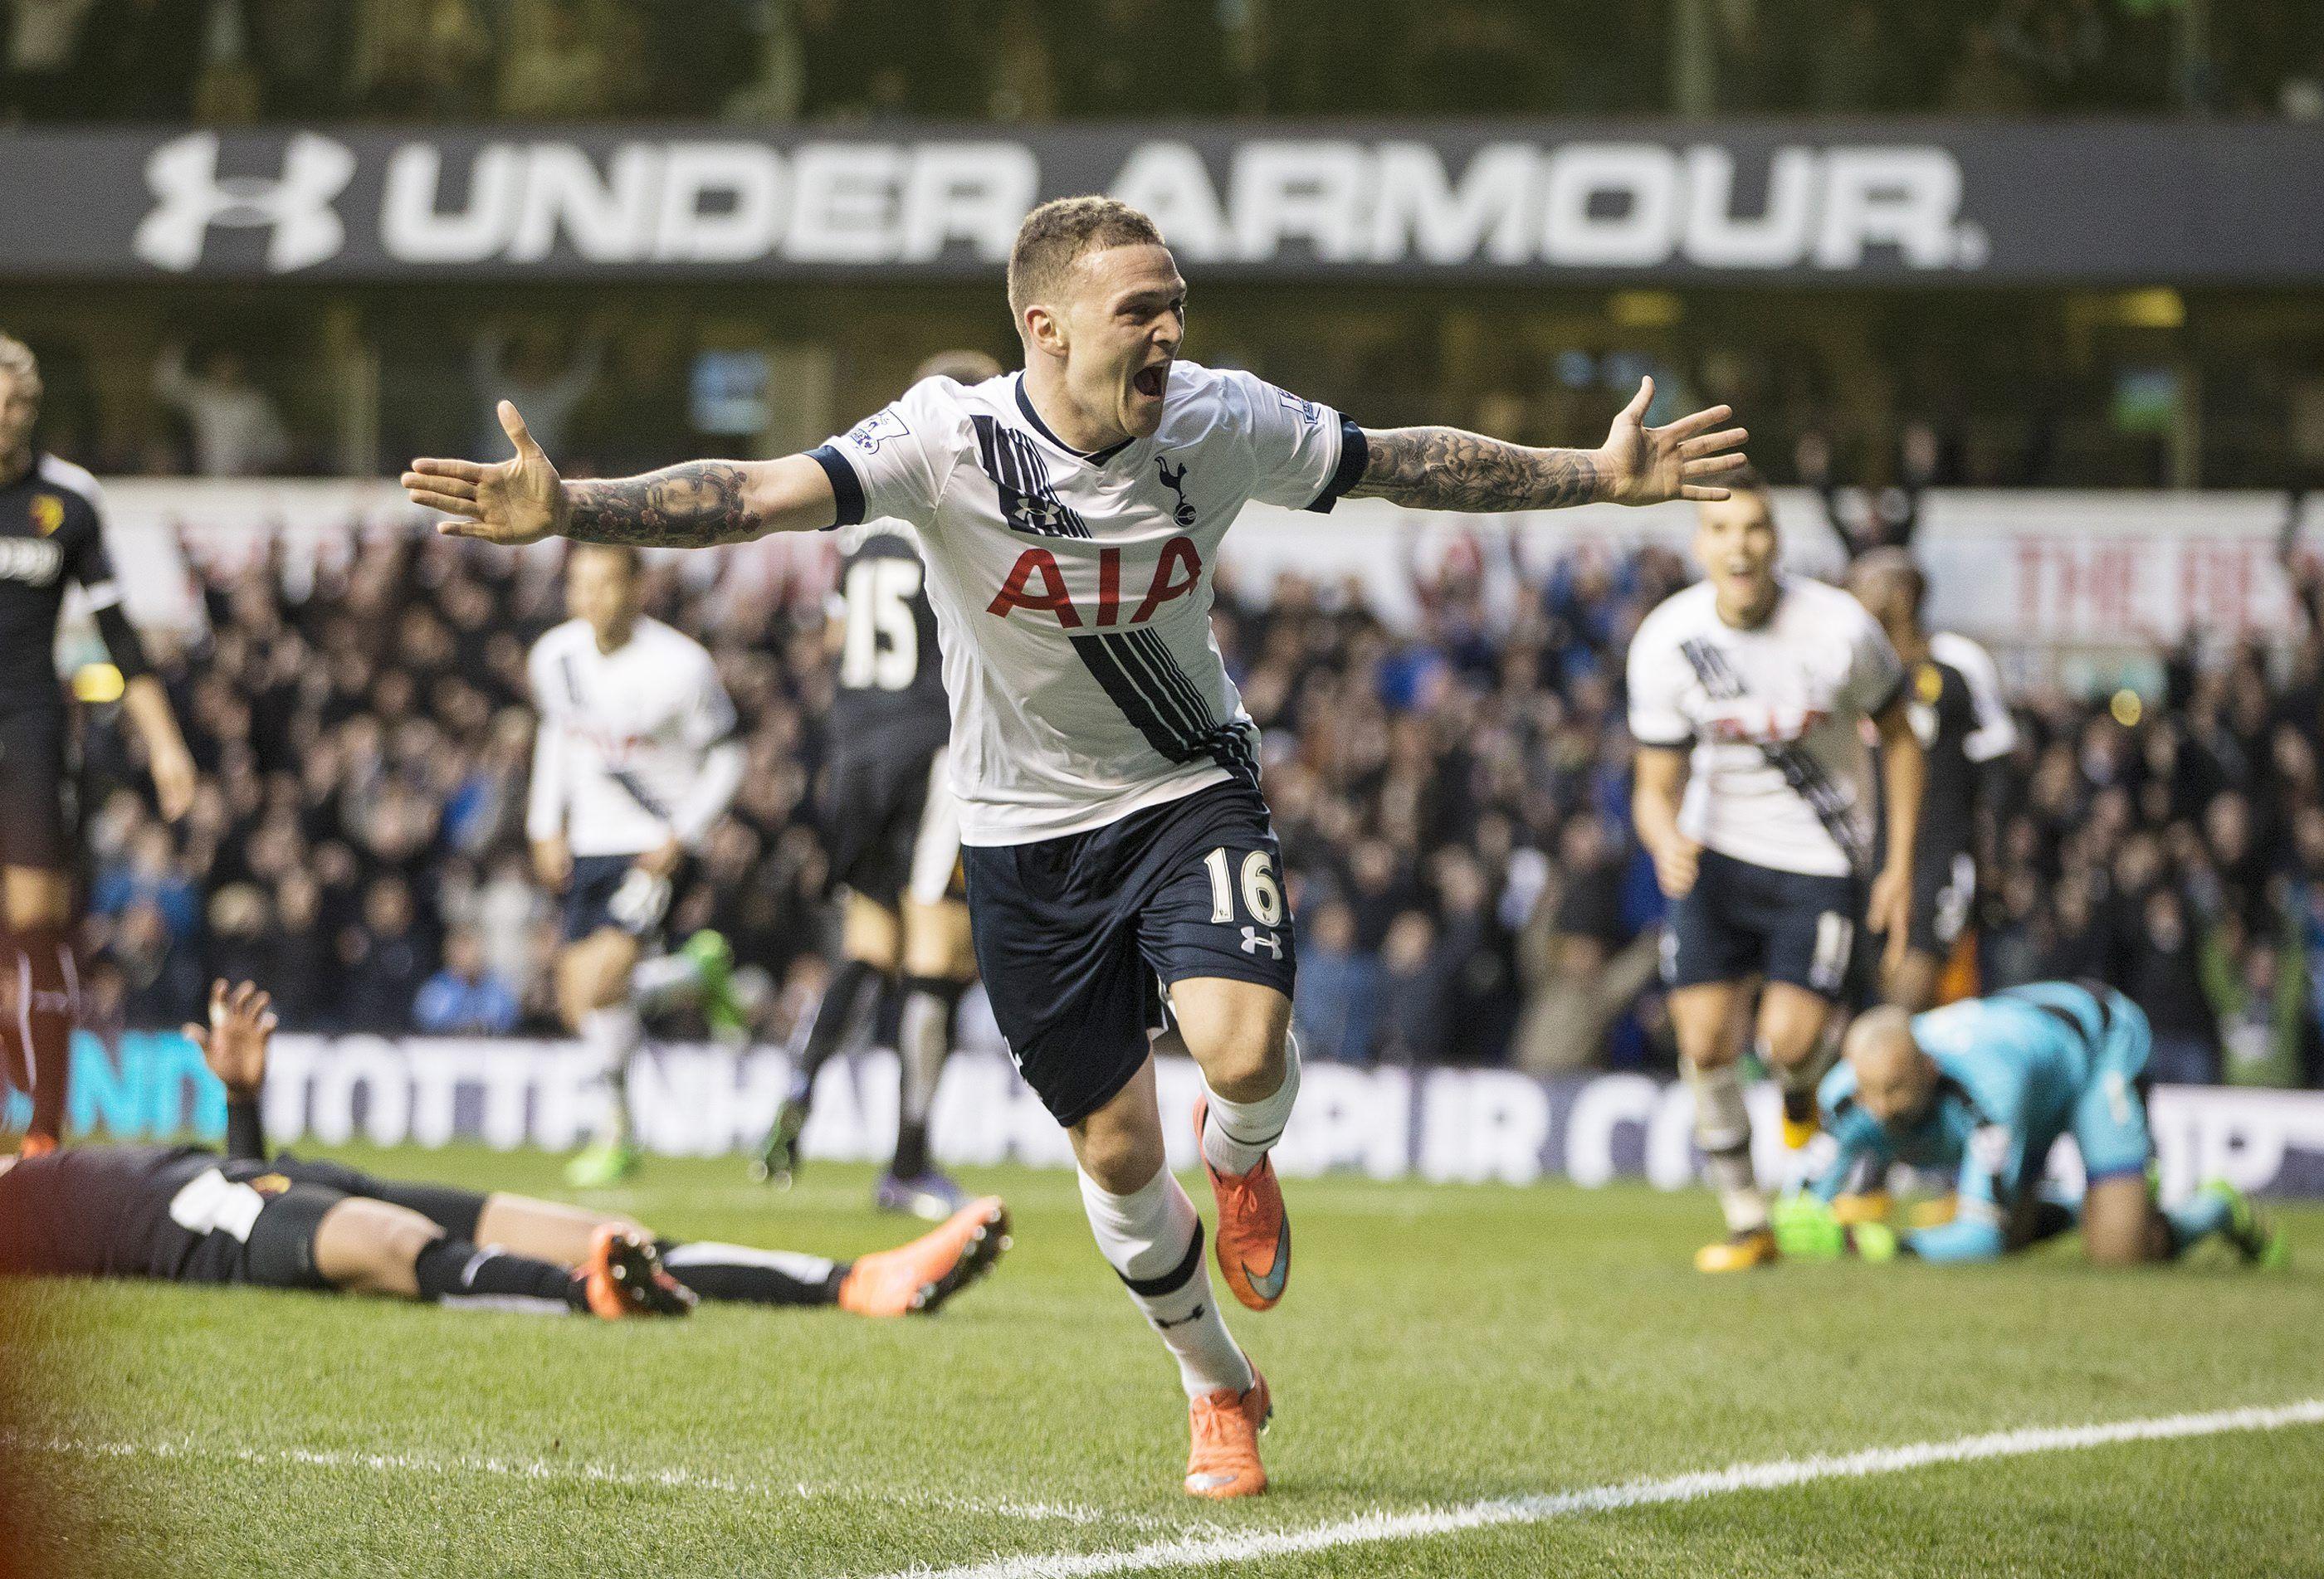 Pin on Tottenham Hotspur FC